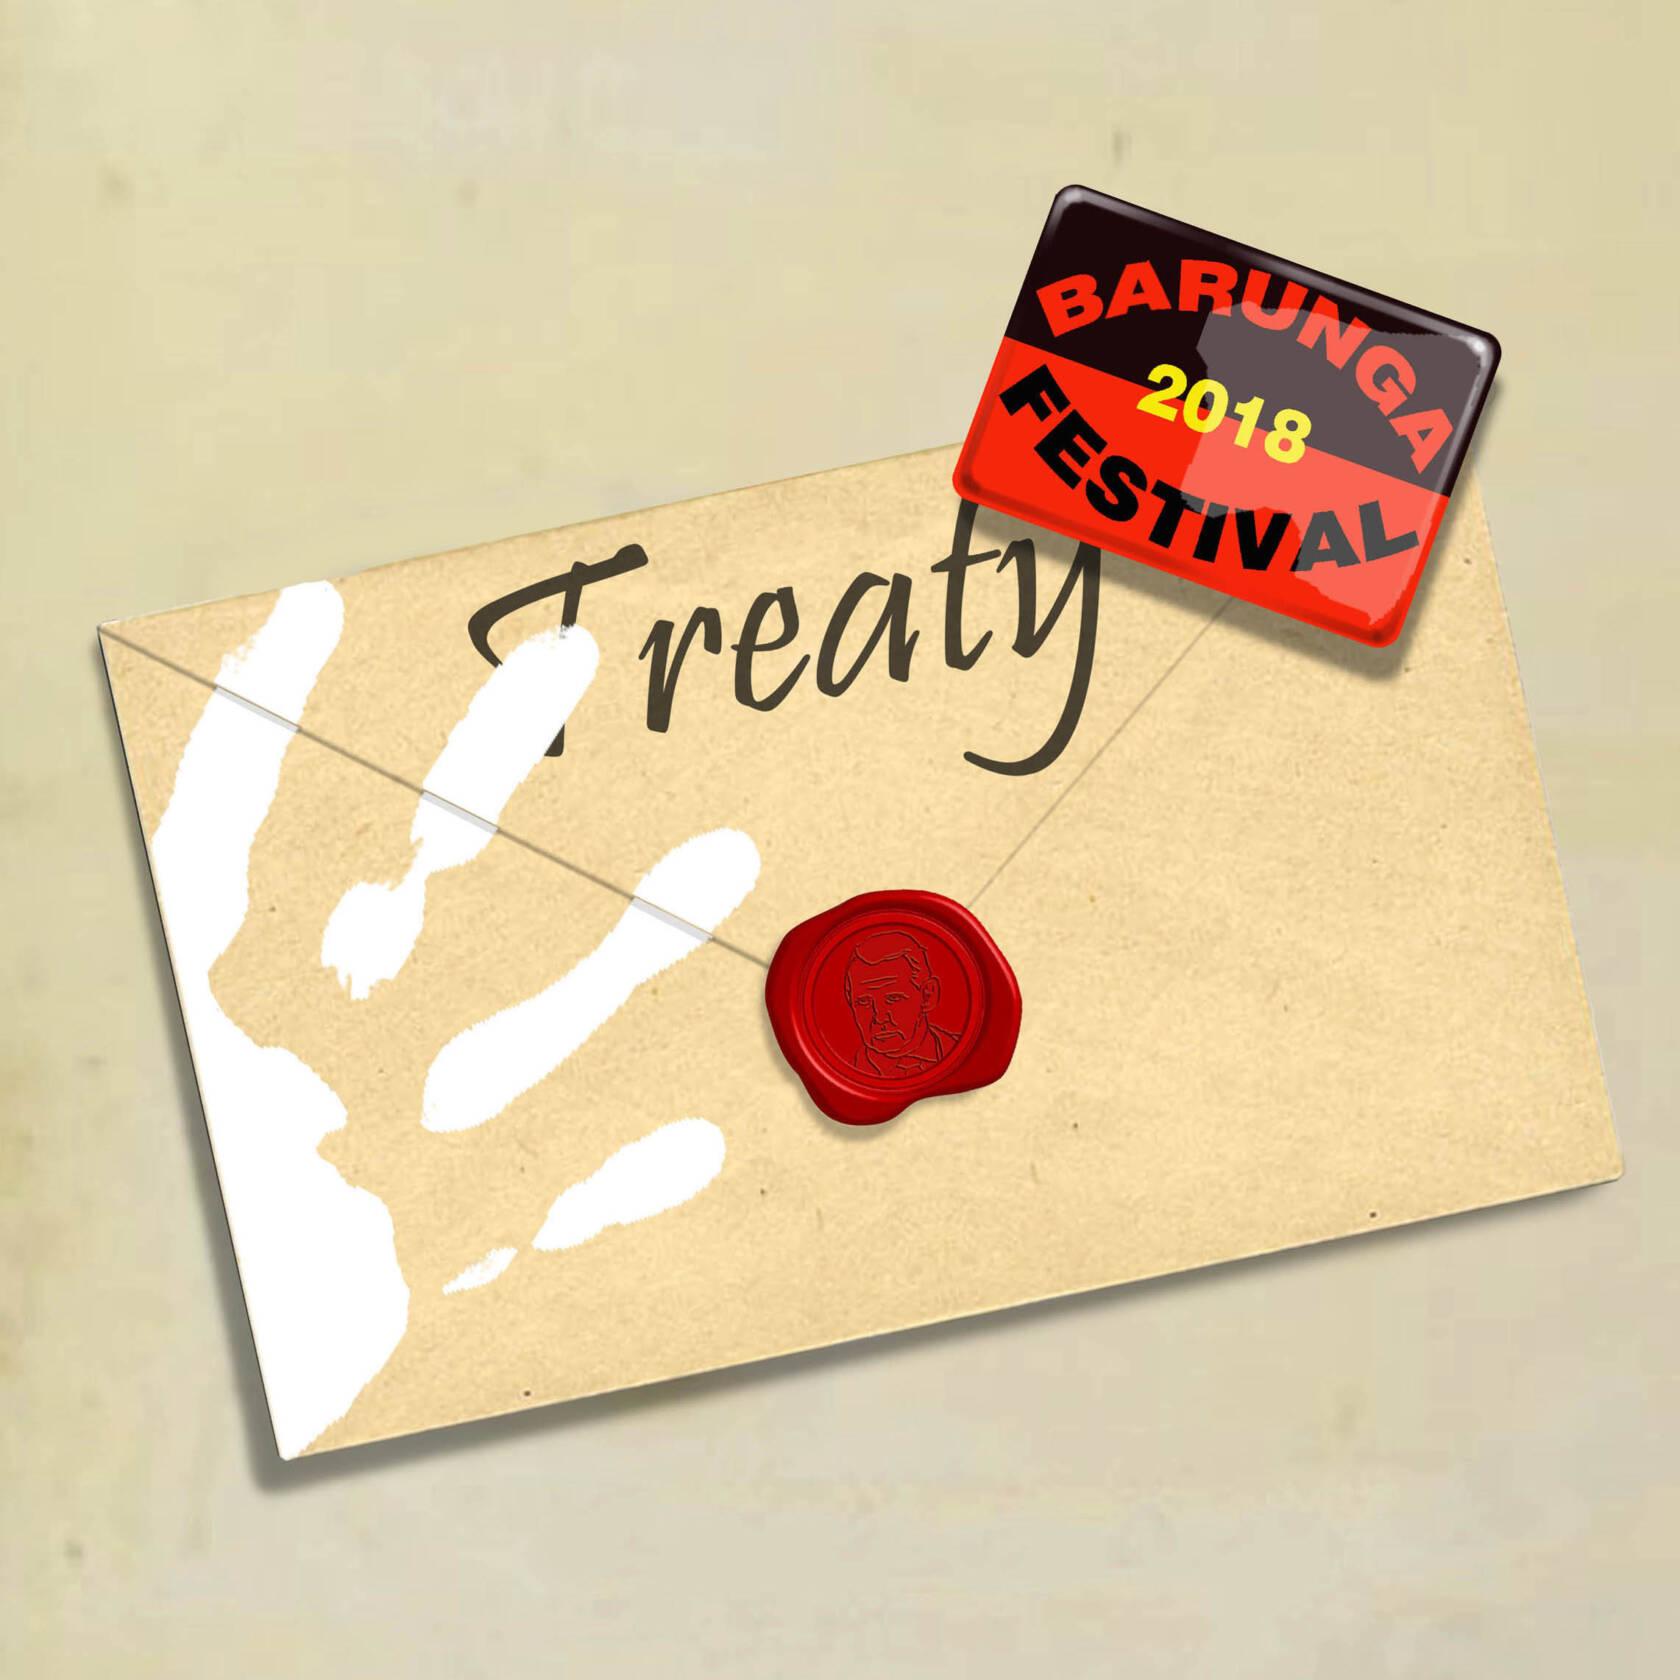 A Territory Treaty